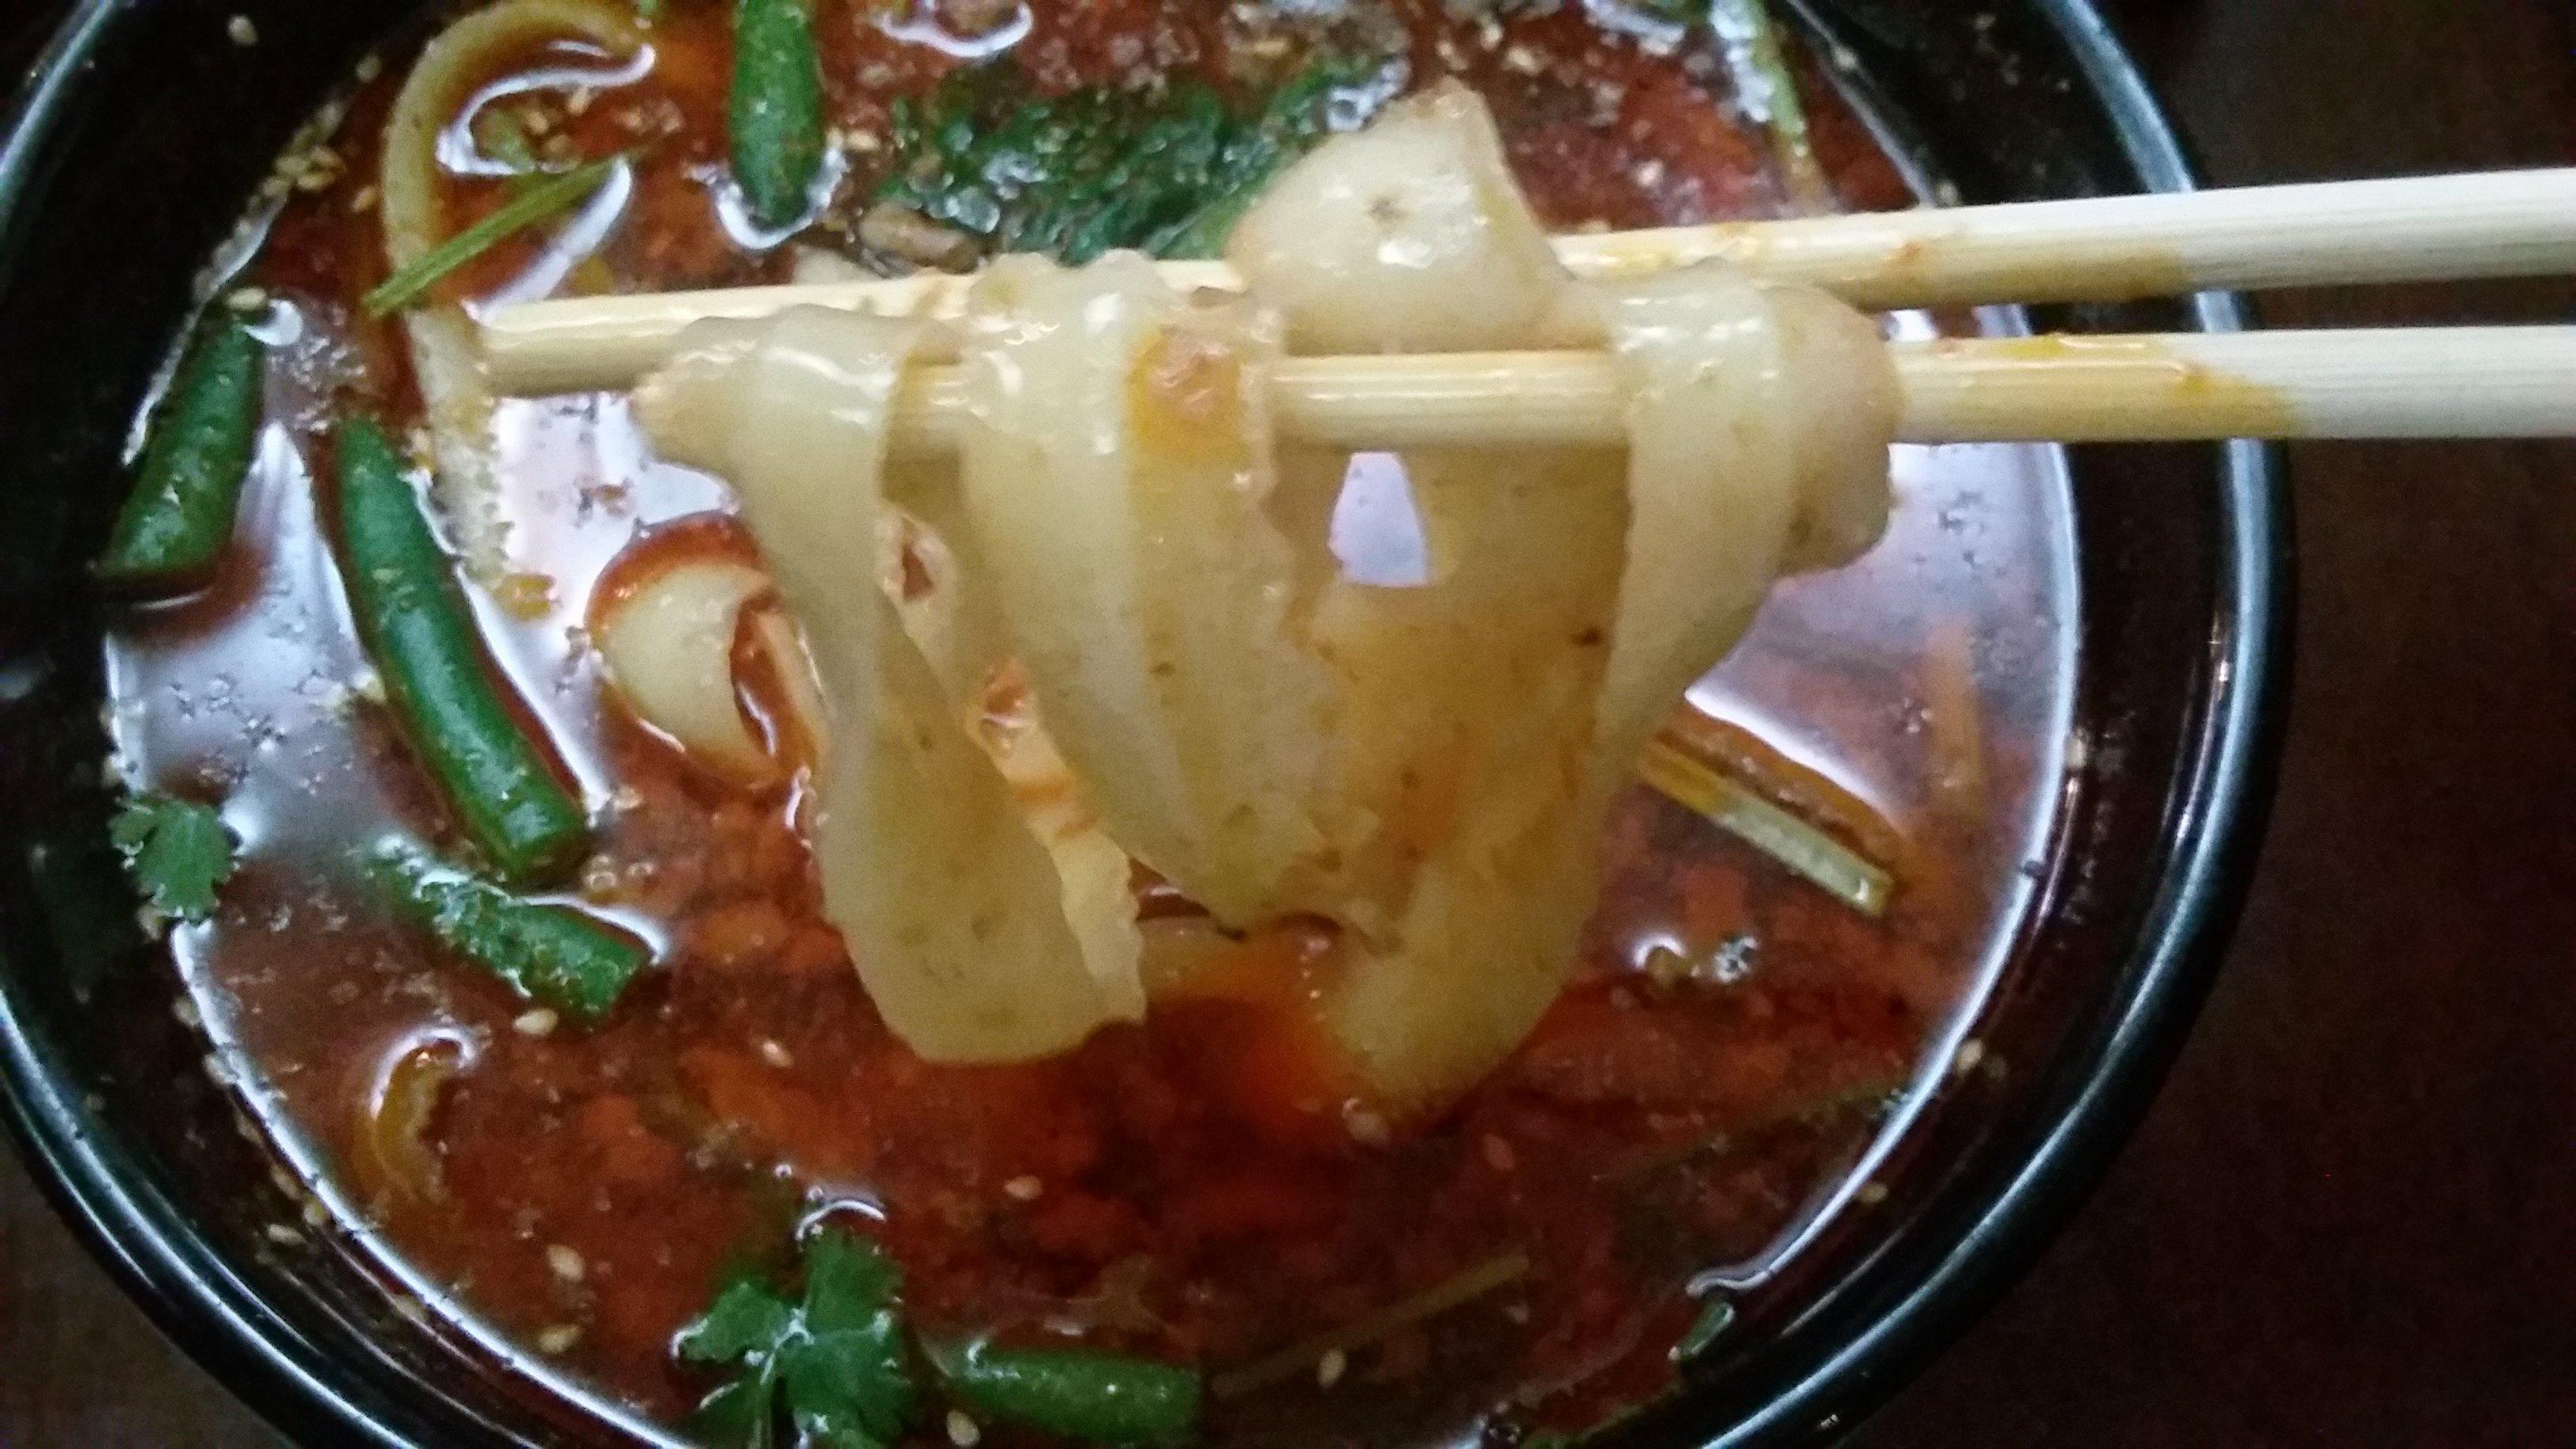 【鐘楼(ジョンロウ)】四川、西安料理、刀削麵、点心の本格中華をリーズナブルなお値段で食べられるお店!